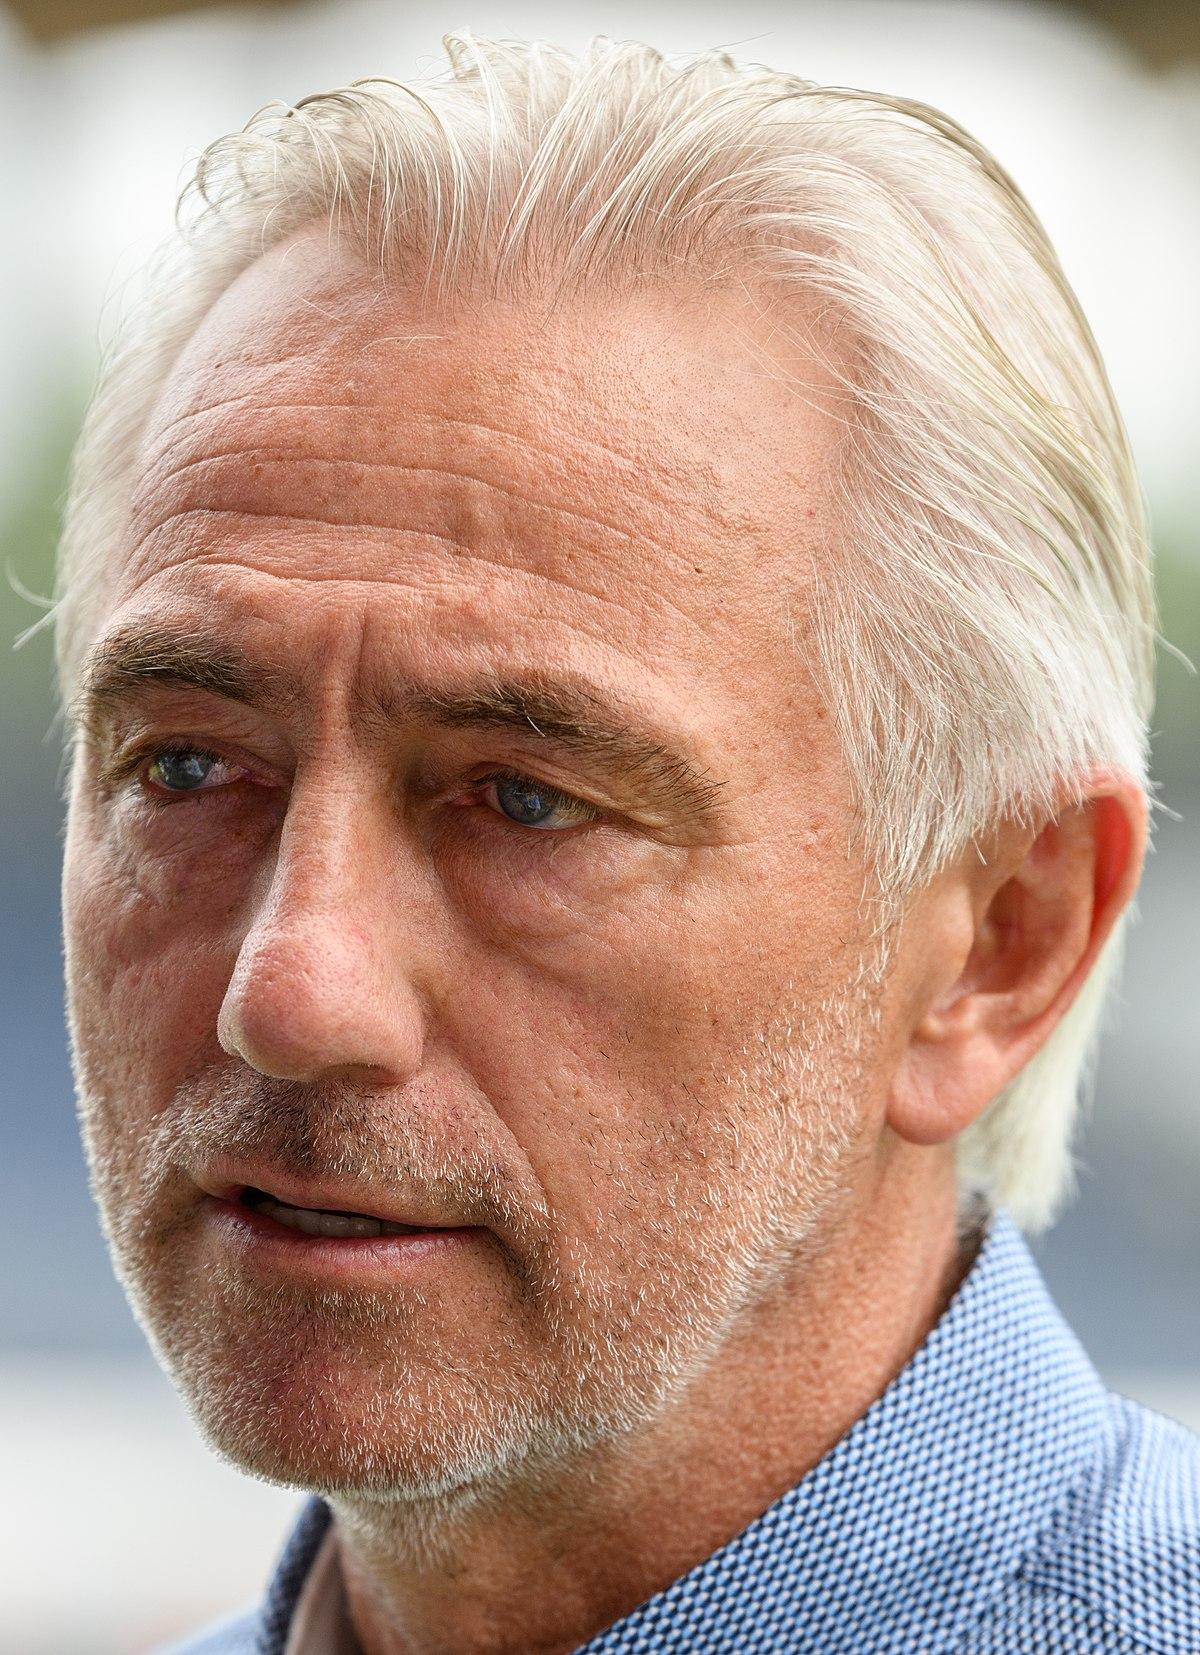 Bert Van Marwijk Wikipedia